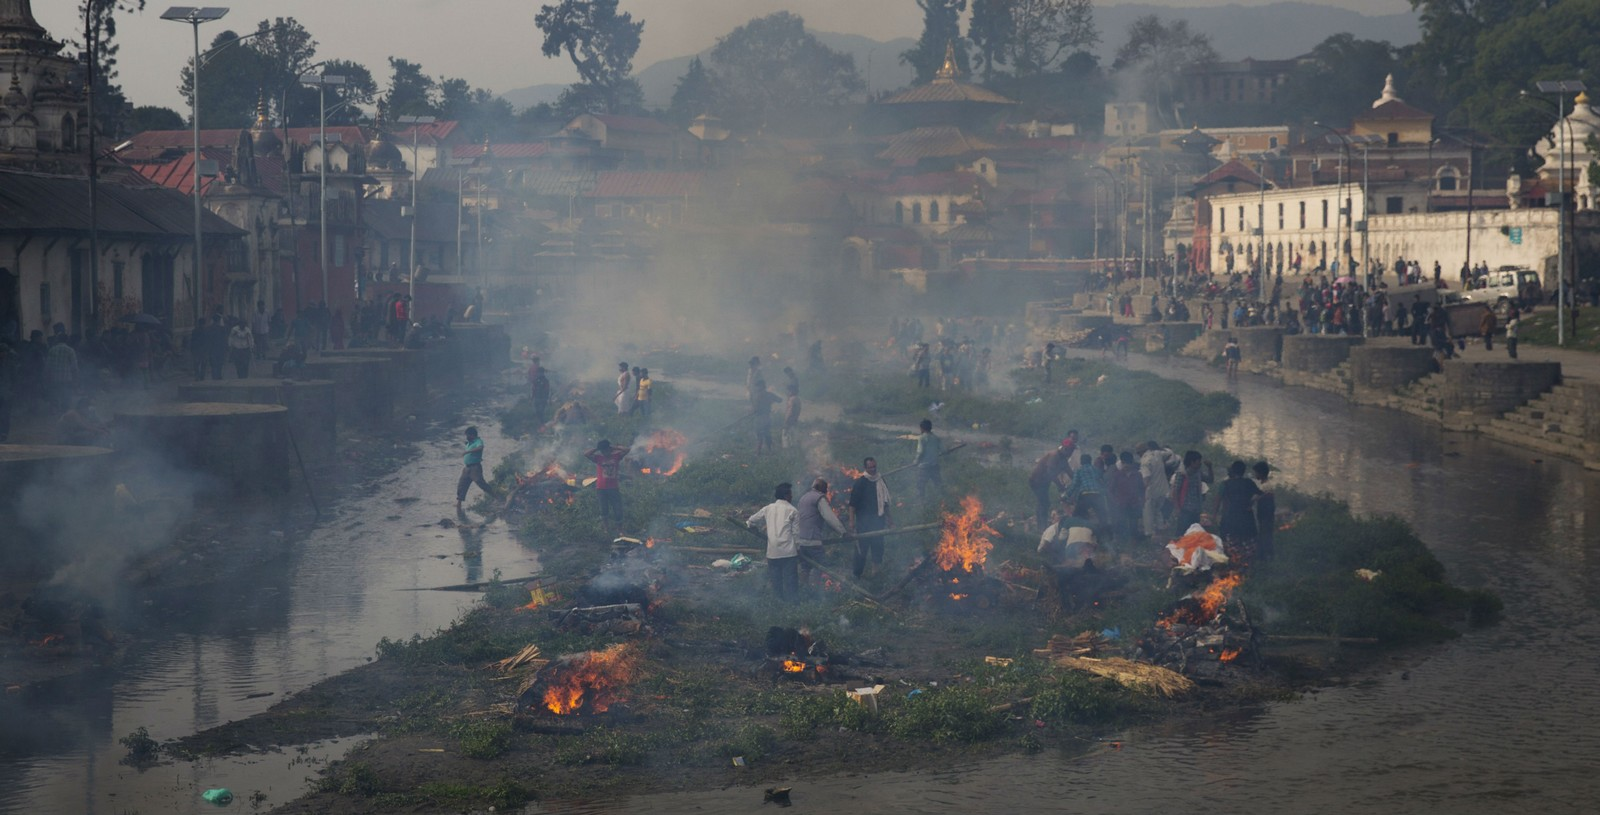 ¿Por qué Aumentan los Desastres en la Naturaleza?